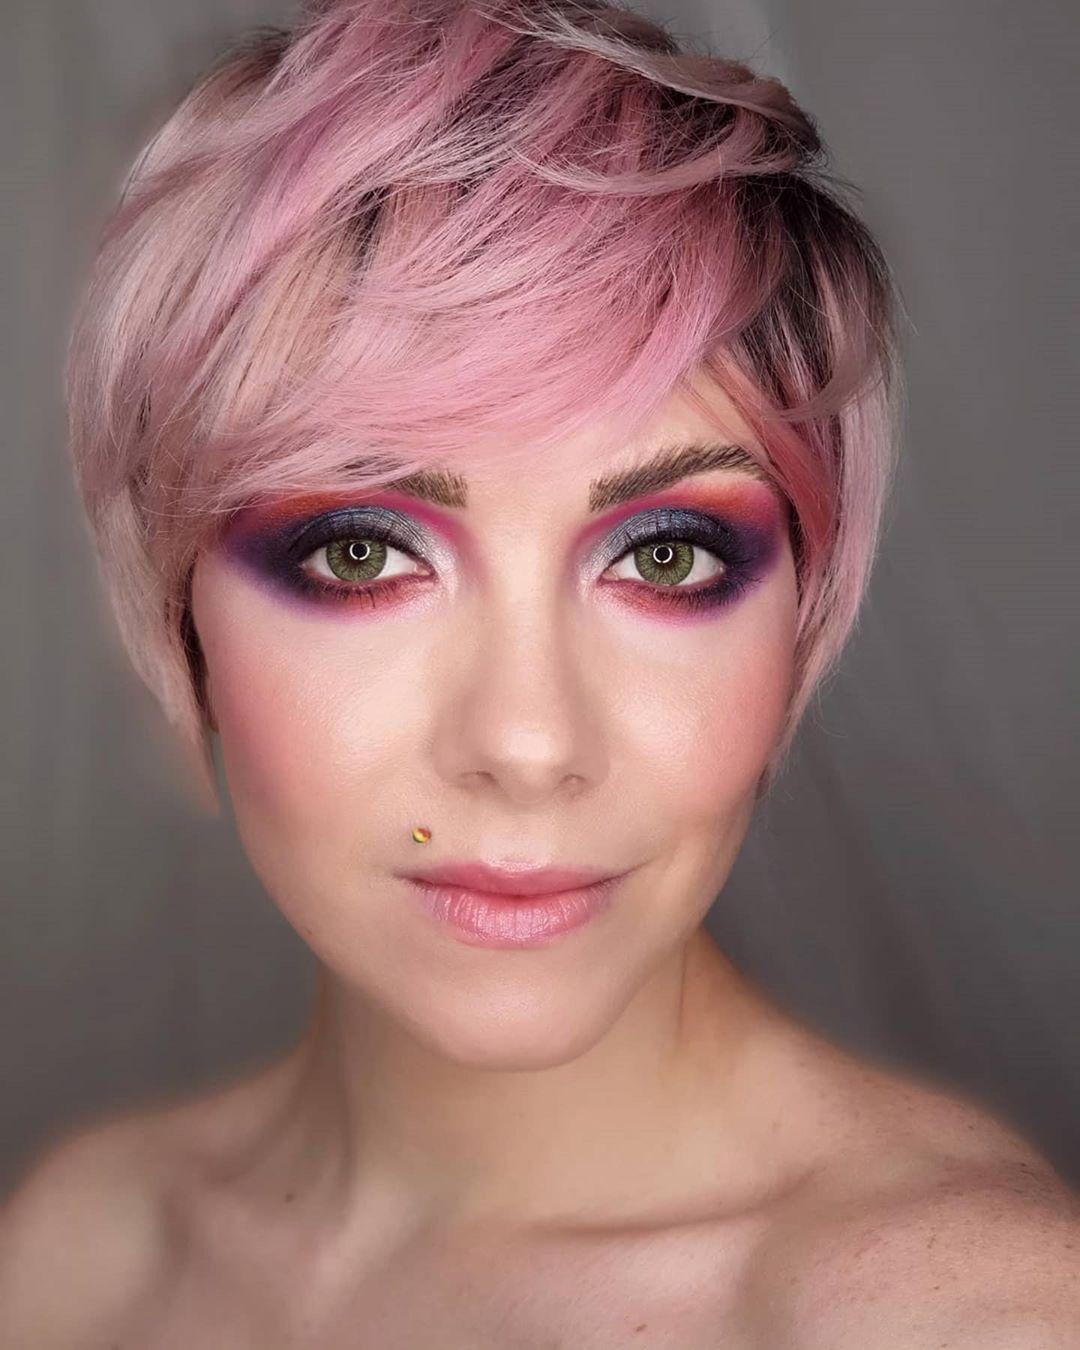 yan and one : Merci à la talentueuse makeup artiste pour ce magnifique look, un regard profon... September 2021